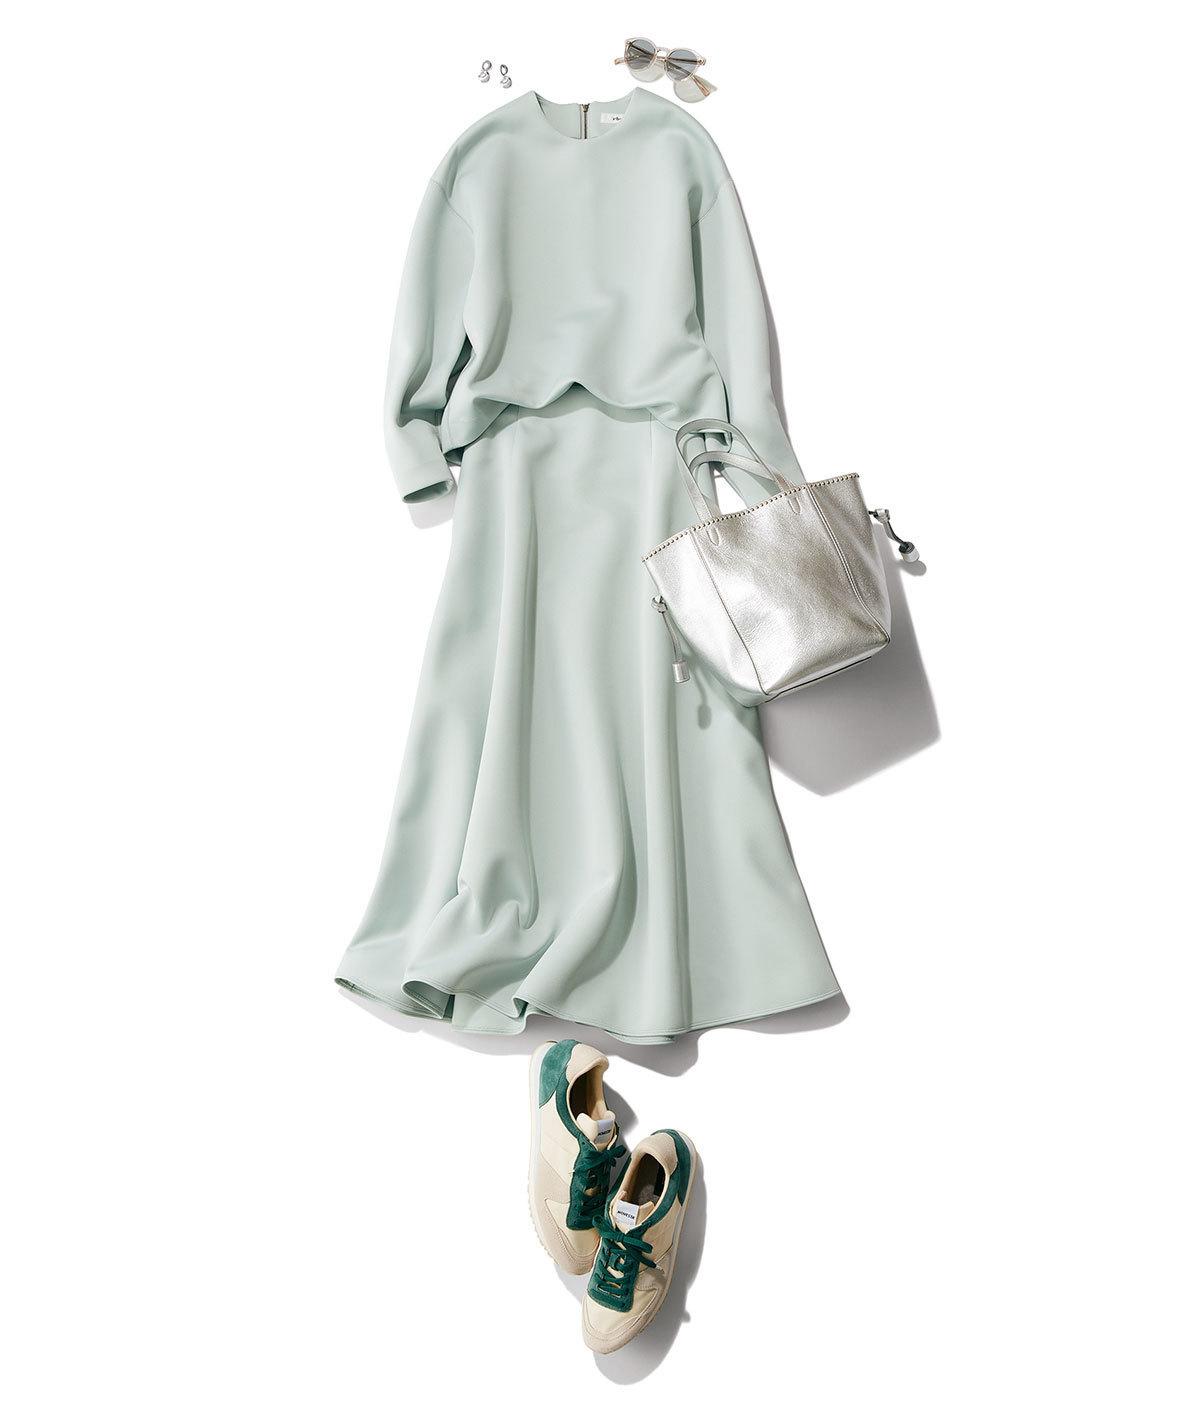 ミントグリーンのブラウス&スカートのセットアップ